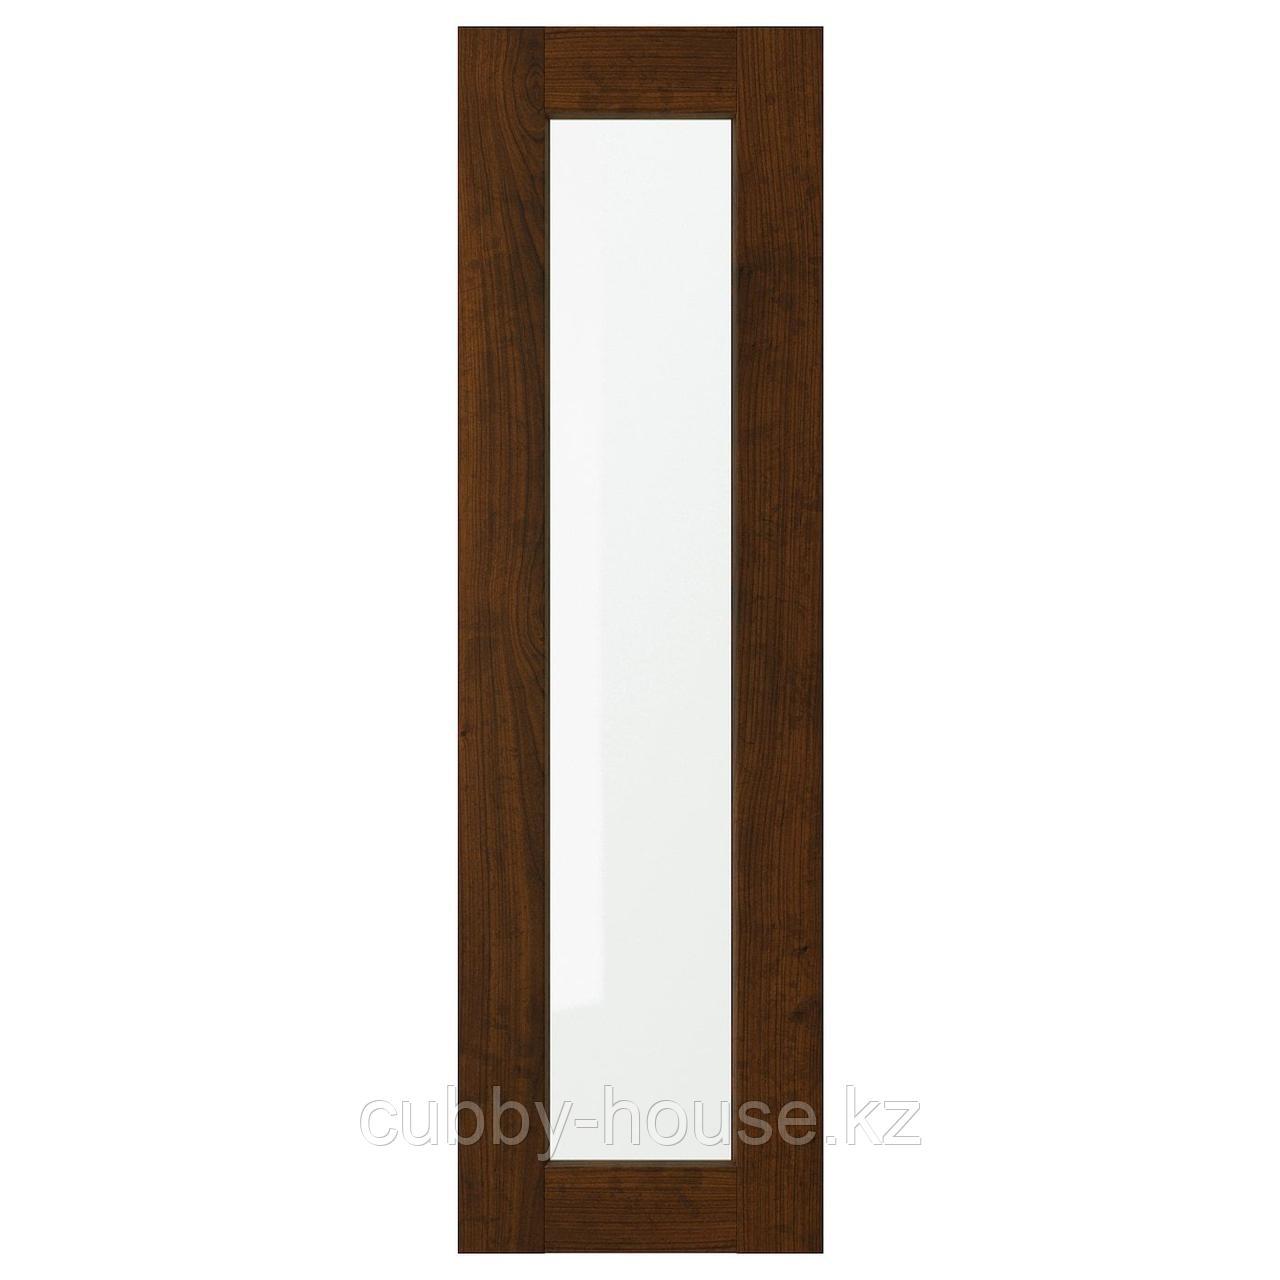 ЭДСЕРУМ Стеклянная дверь, под дерево коричневый, 30x80 см